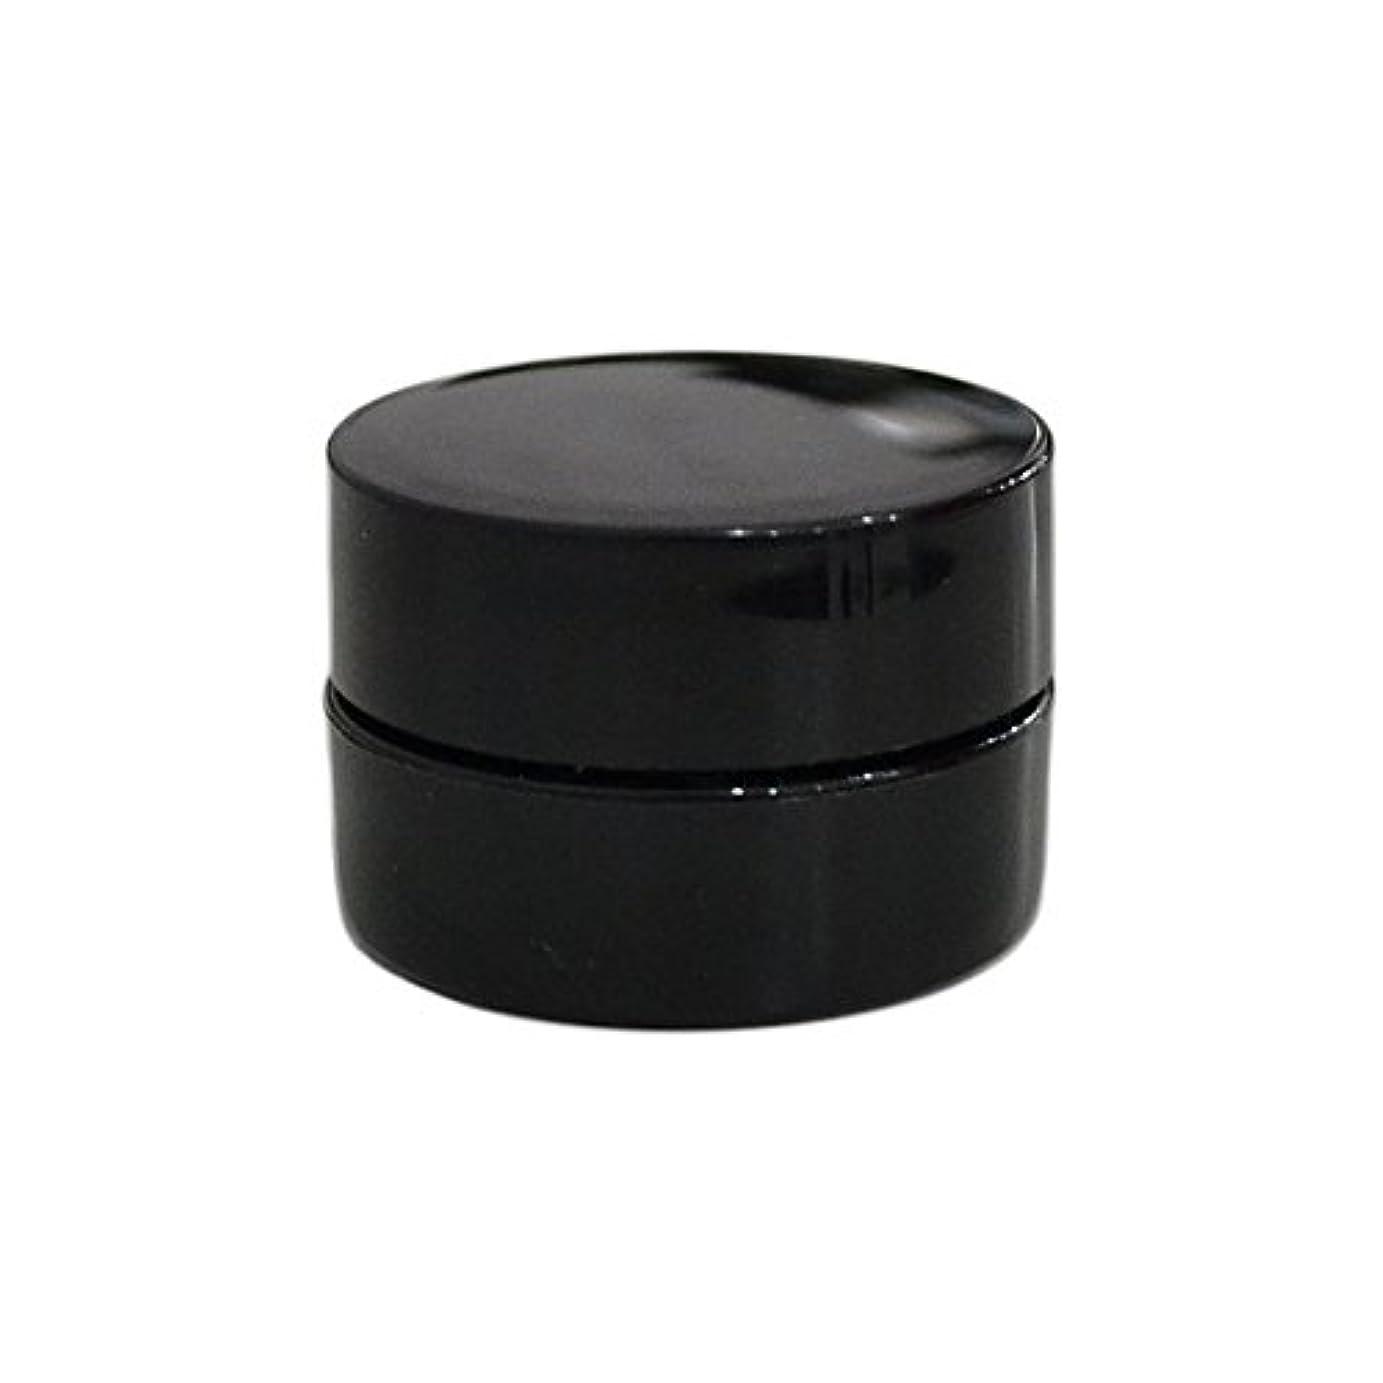 何でもクリーム行う10個セット/純国産ネイルジェルコンテナ 3g用 GA3g 漏れ防止パッキン&ブラシプレート付容器 ジェルを無駄なく使える底面傾斜あり 遮光 黒 ブラック